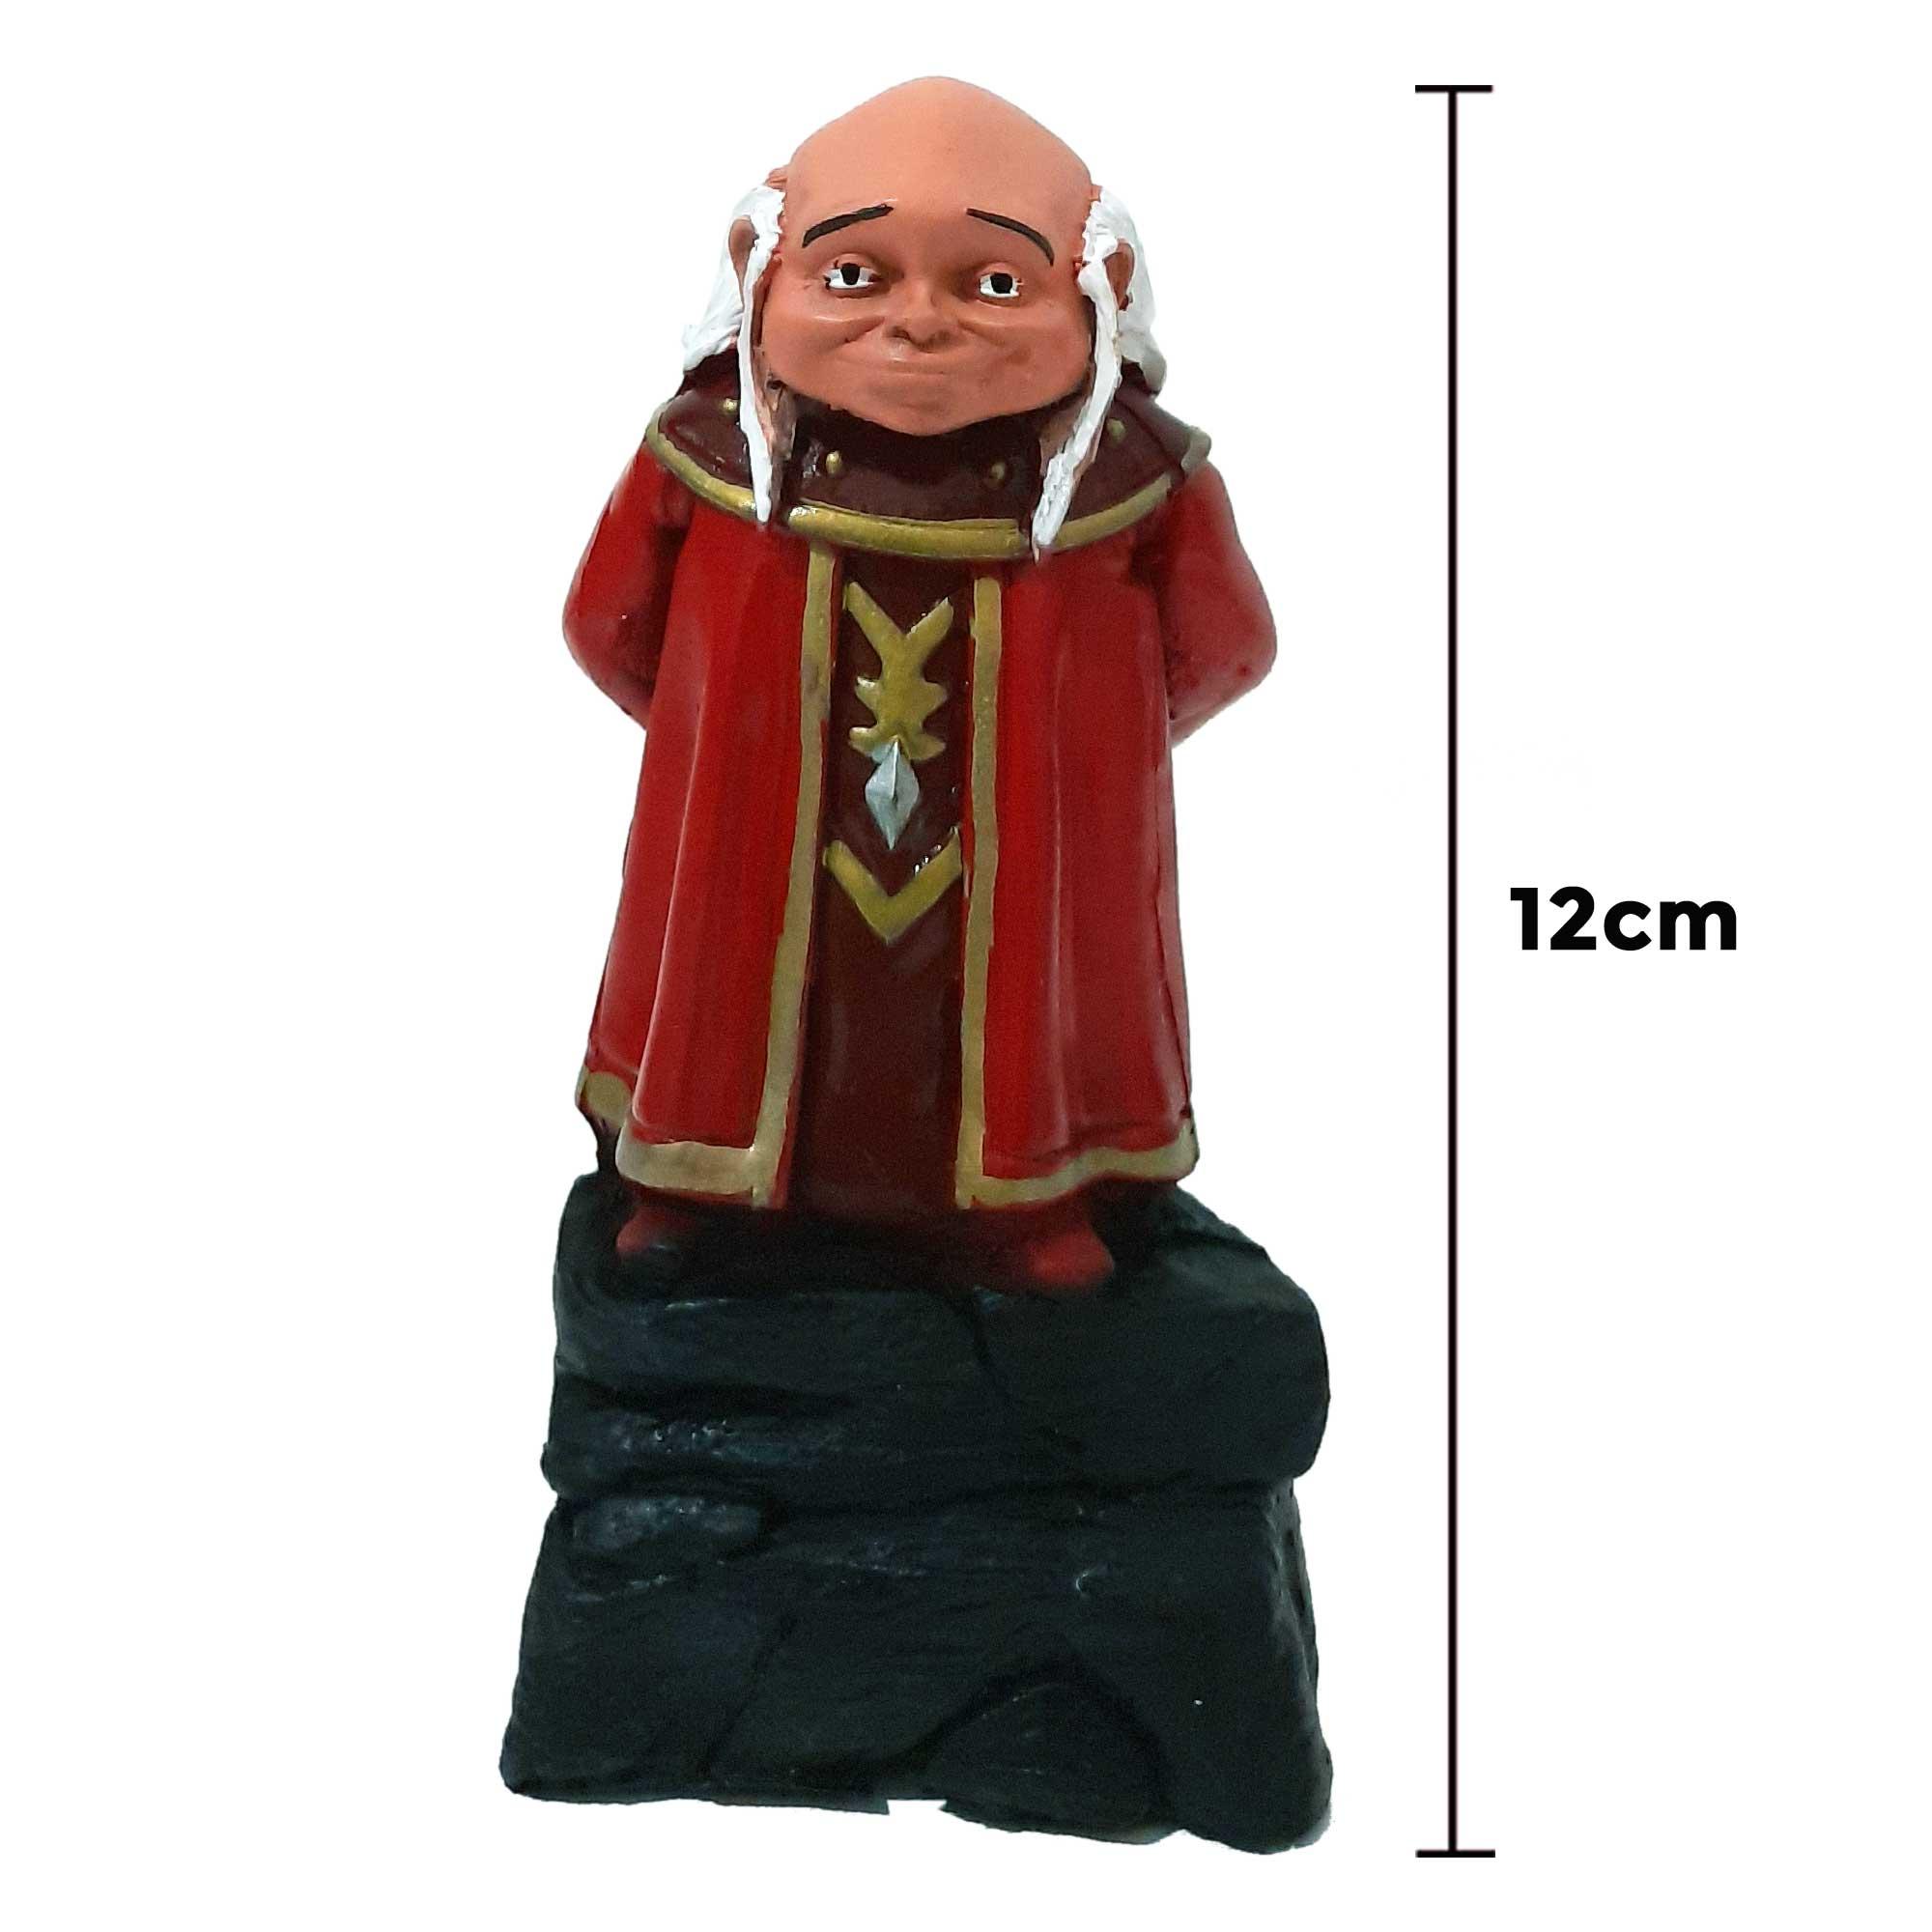 Boneco Mestre dos Magos Caverna do Dragão 12cm